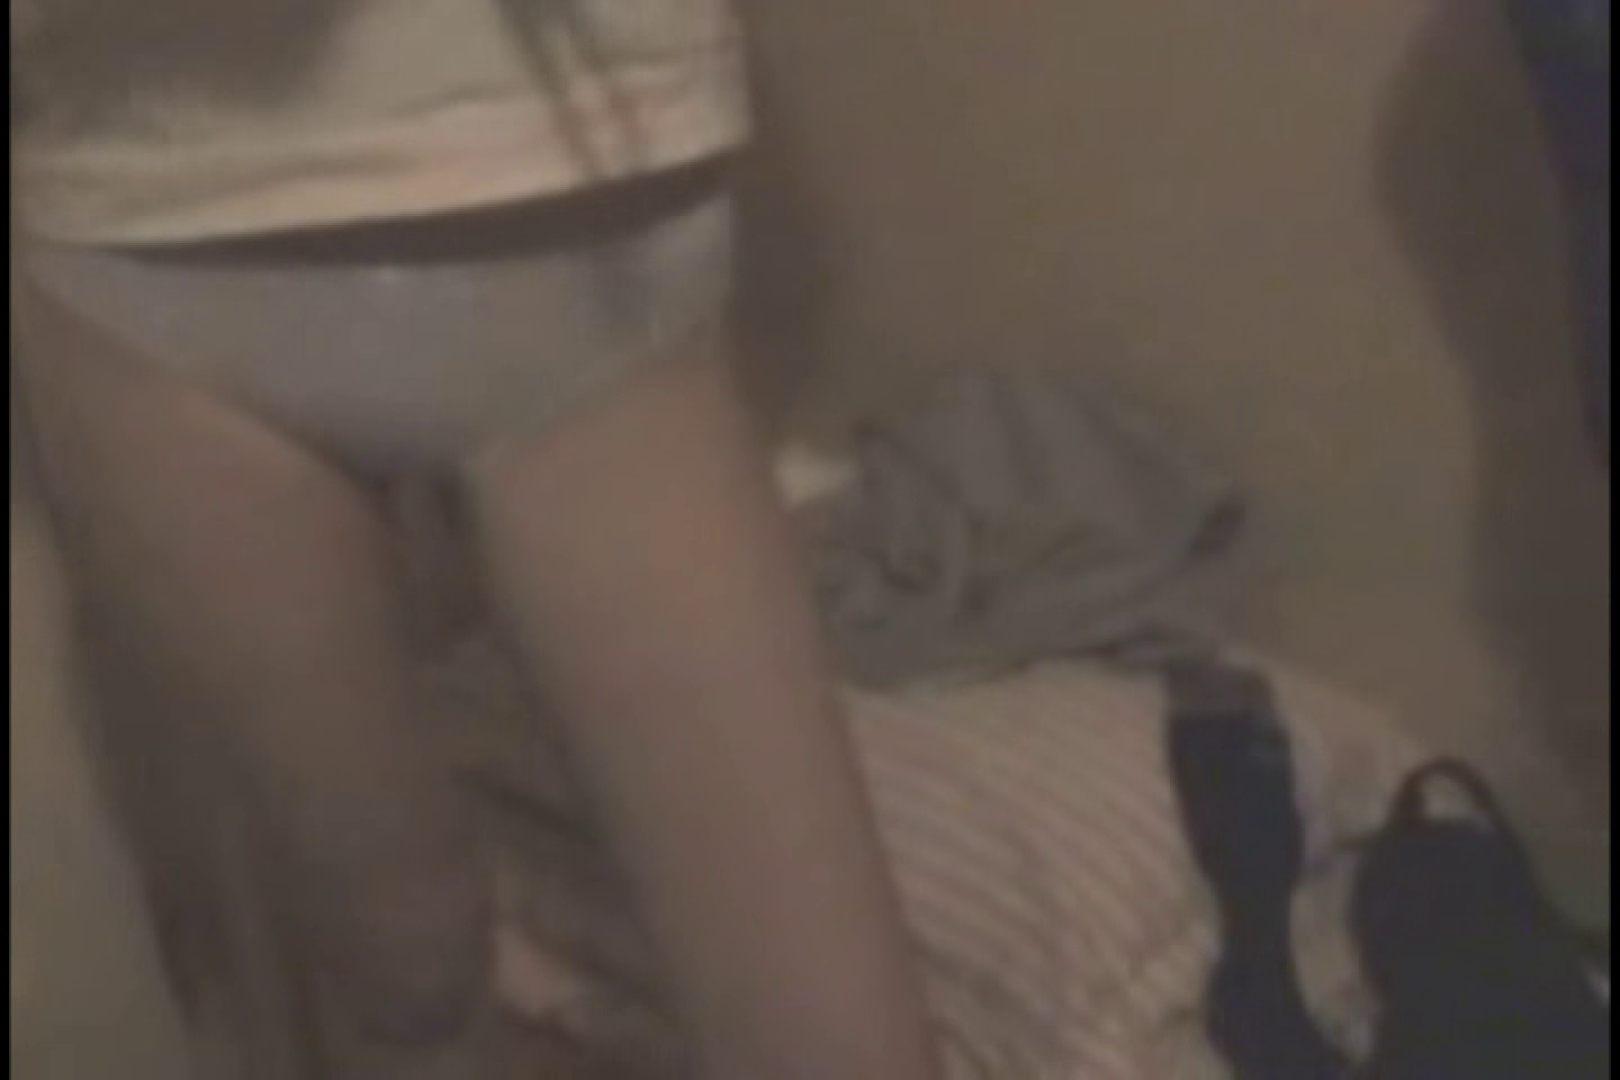 コリアン素人流出シリーズ 素人セフレ仲間でセックスパーティー 流出作品 盗み撮り動画 94pic 27